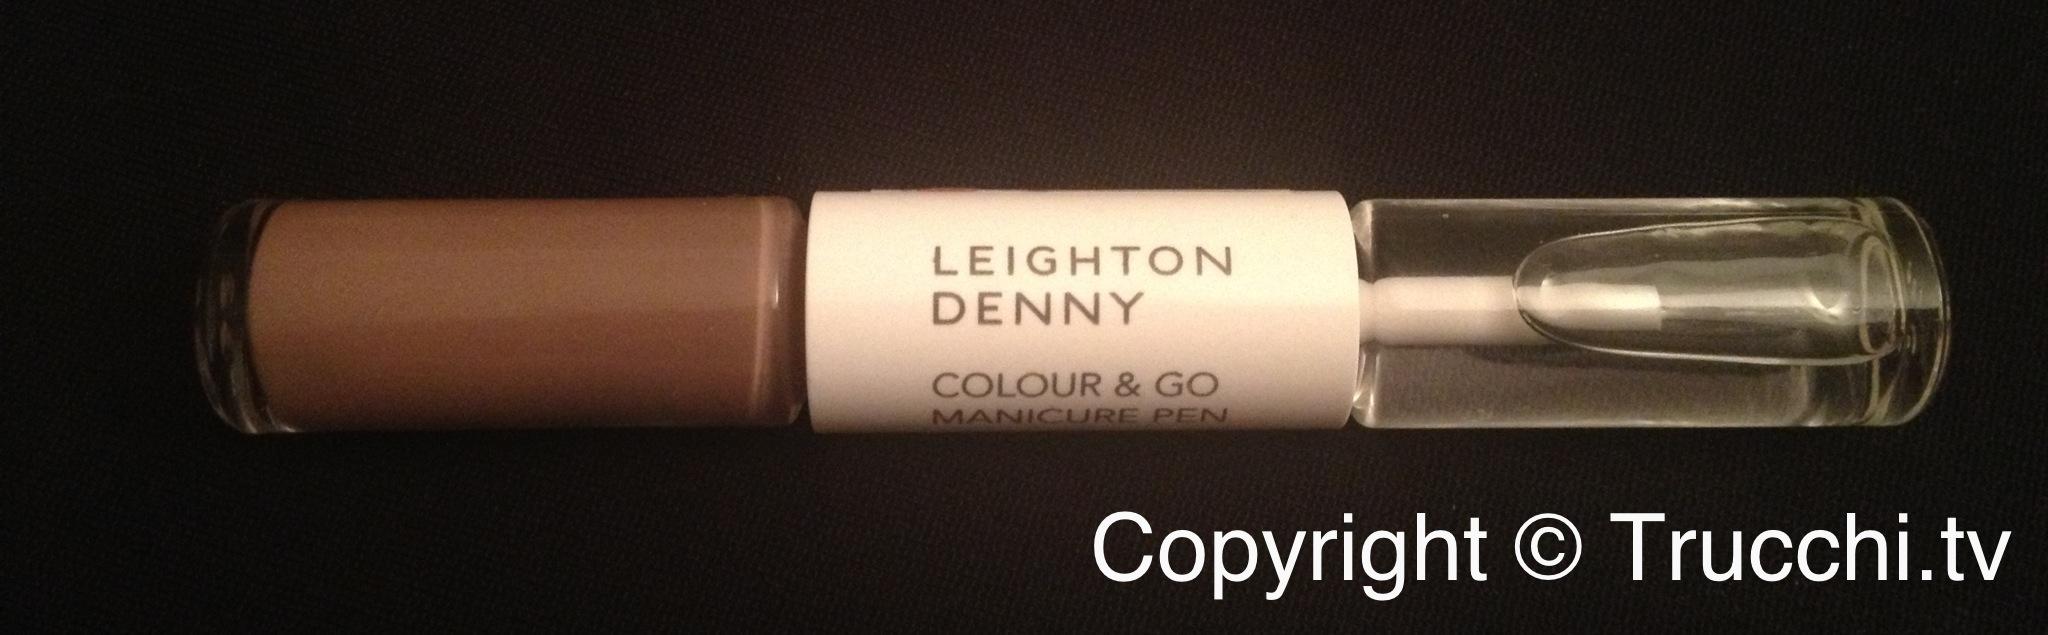 smalto Leighton Denny colour and go manicure pen Supermodel